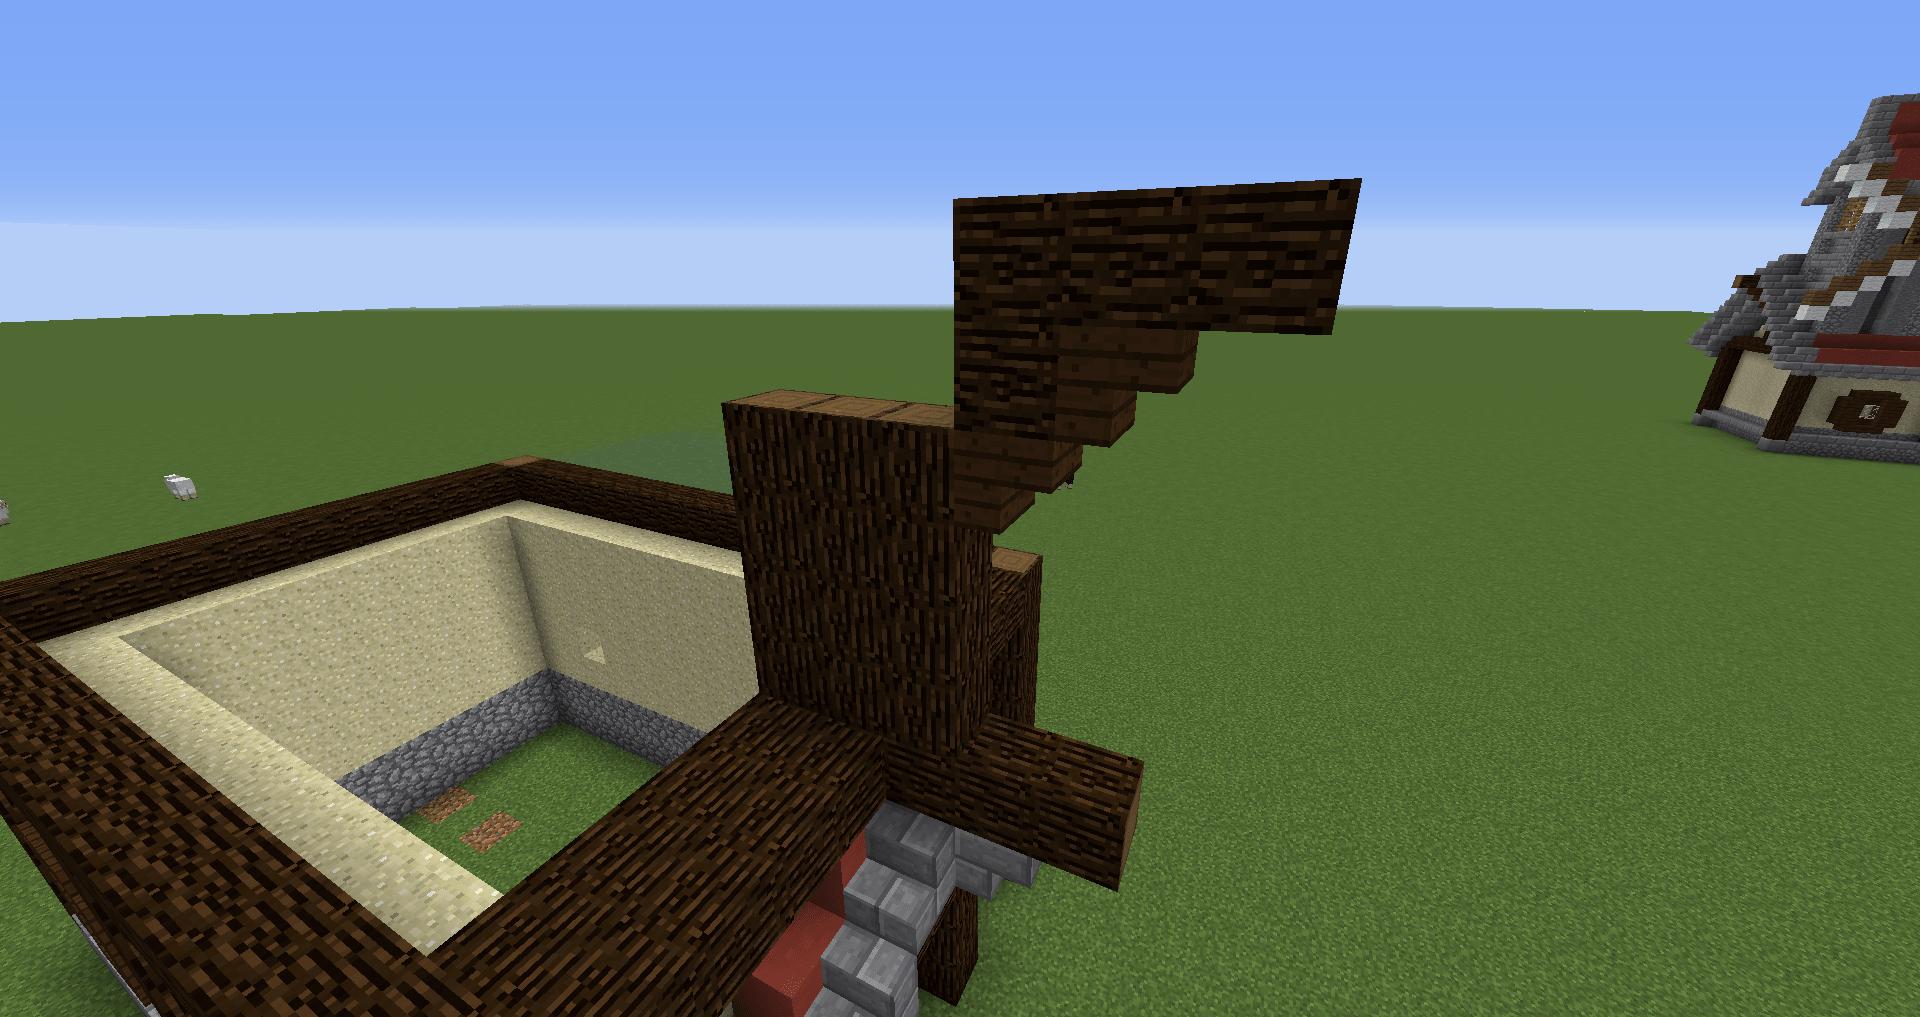 マインクラフト 風車小屋の作り方 簡単建築20